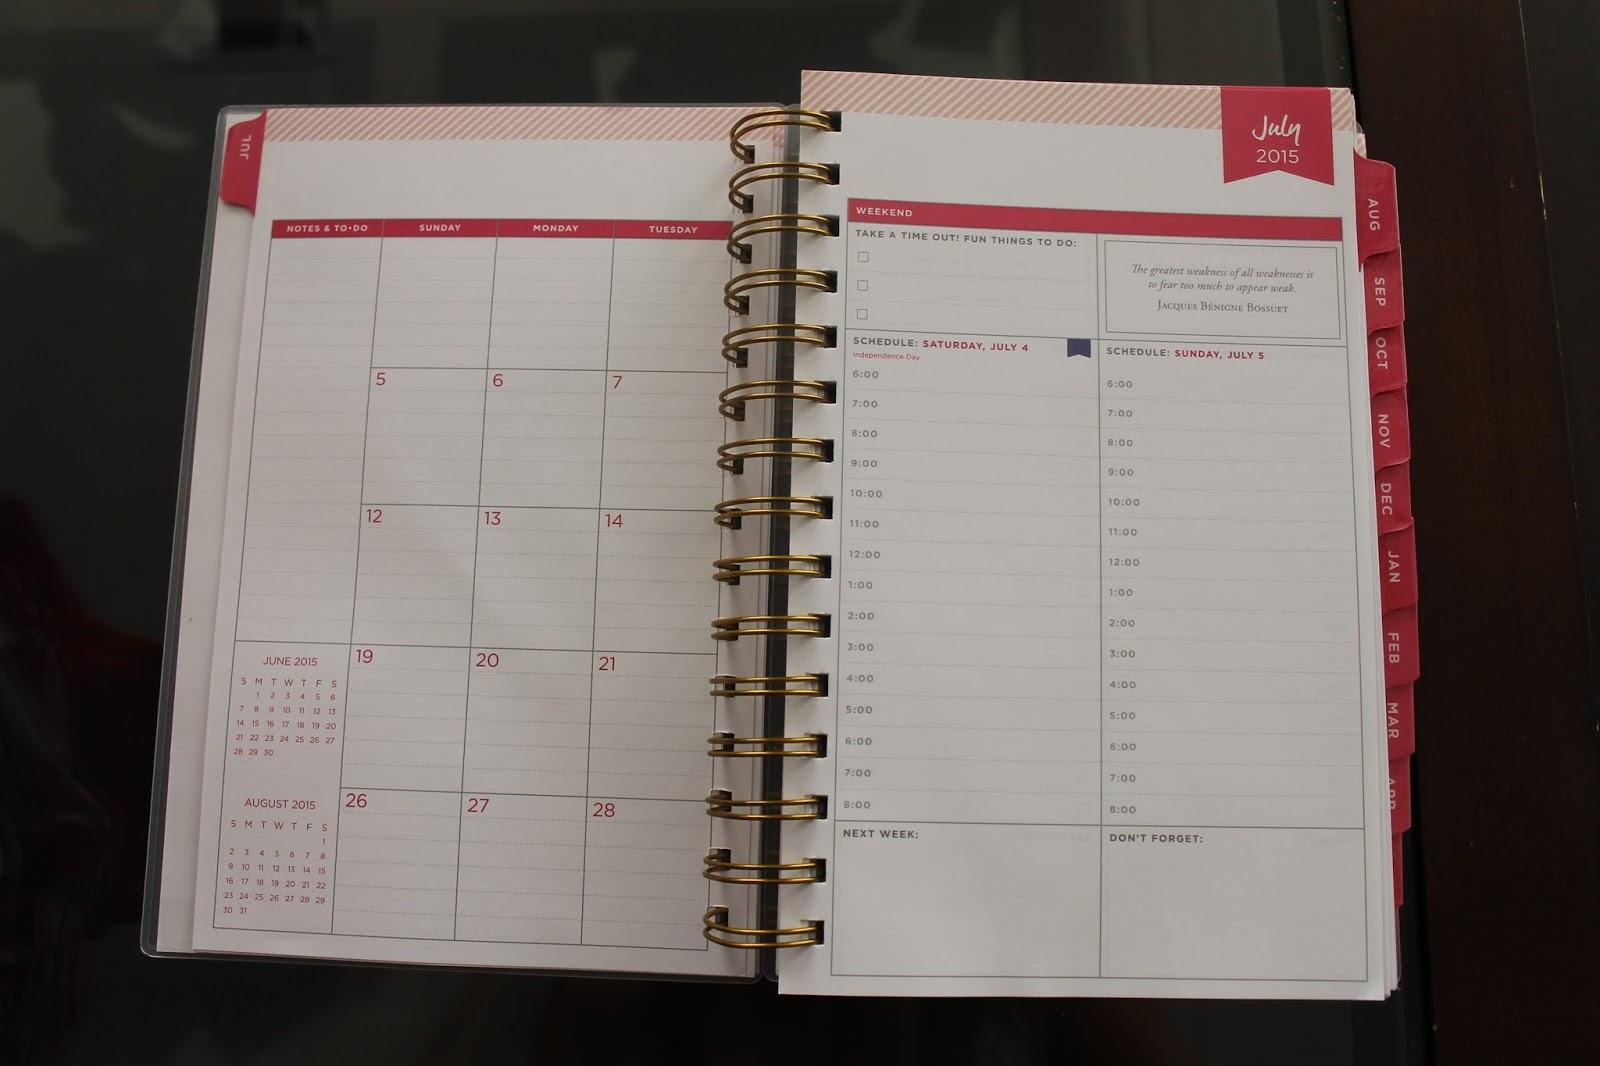 Calendar Planner Target : Whitney english day designer for blue sky target review haute